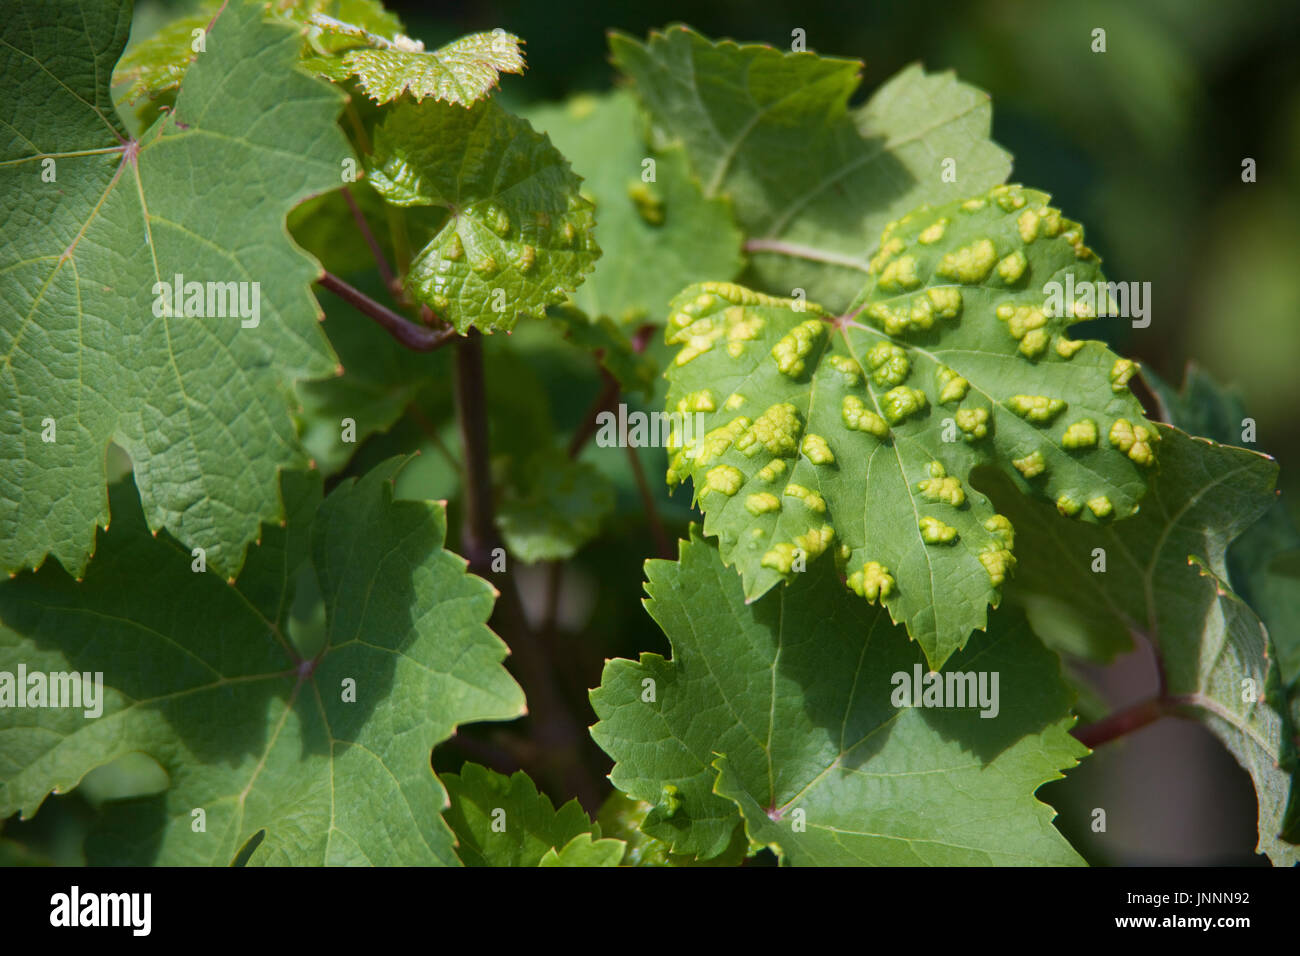 Von Pockenmilben (Eriophyes vitis) befallene Weinblaetter, Piesport, Mittelmosel, Rheinland-Pfalz, Landkreis Bernkastel-Wittlich, Deutschland, Europa  - Stock Image